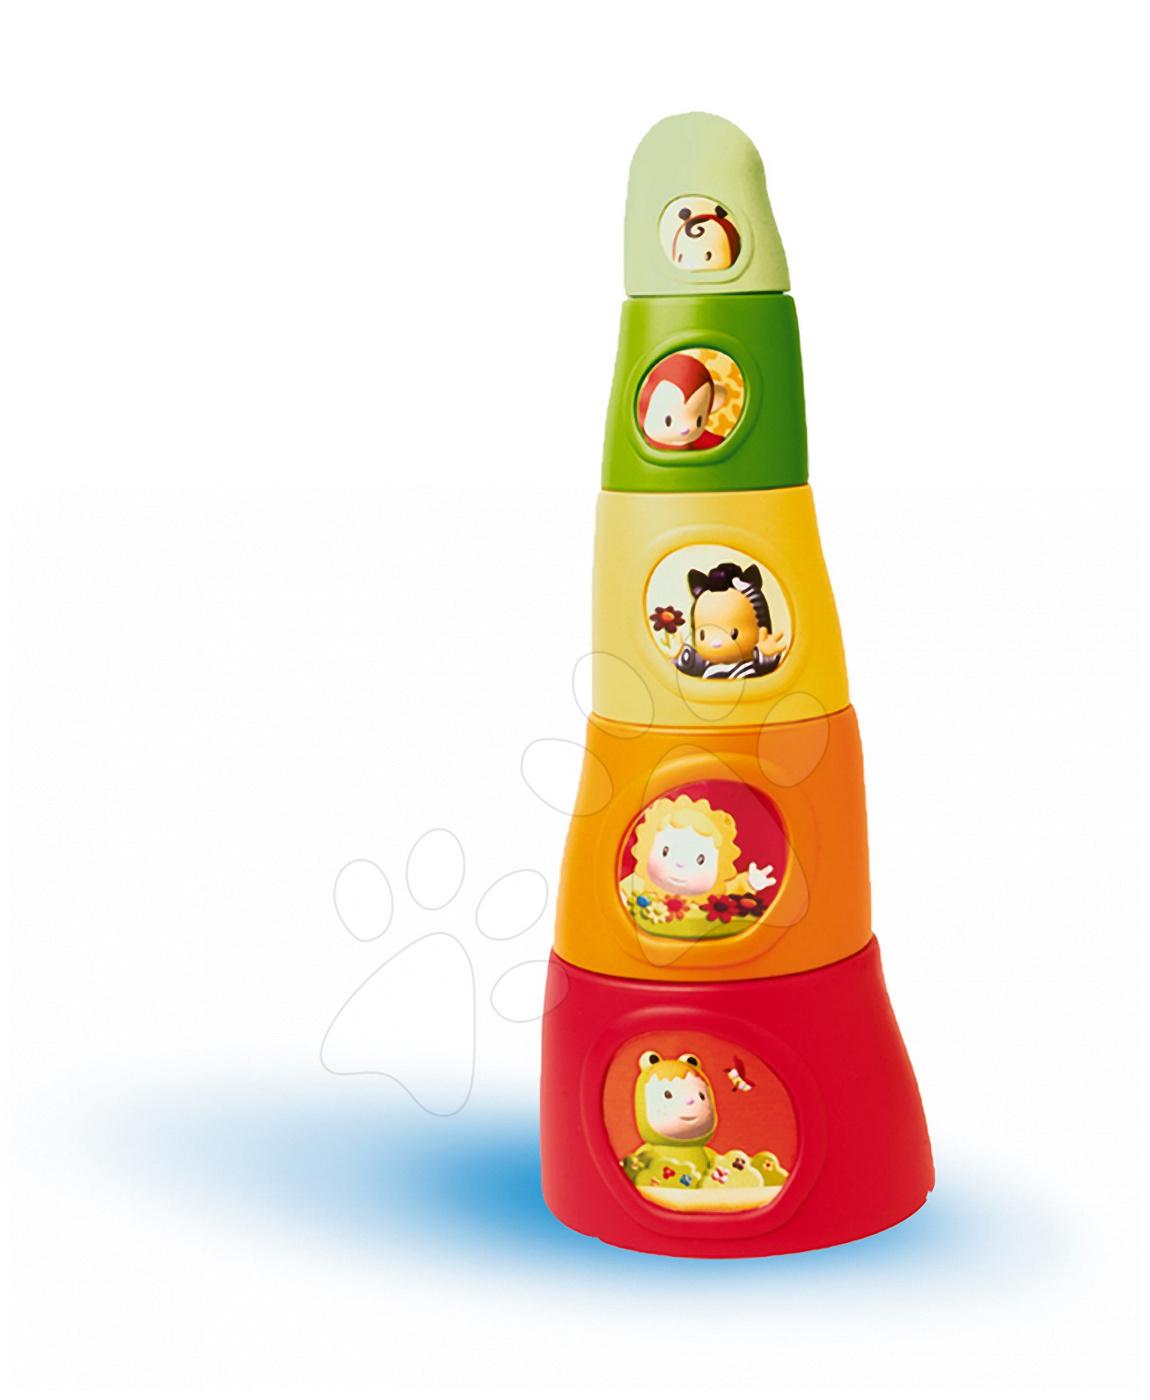 Skládací kelímky Happy Tower Cotoons Smoby 5 kusů oranžovo-zelené od 12 měsíců